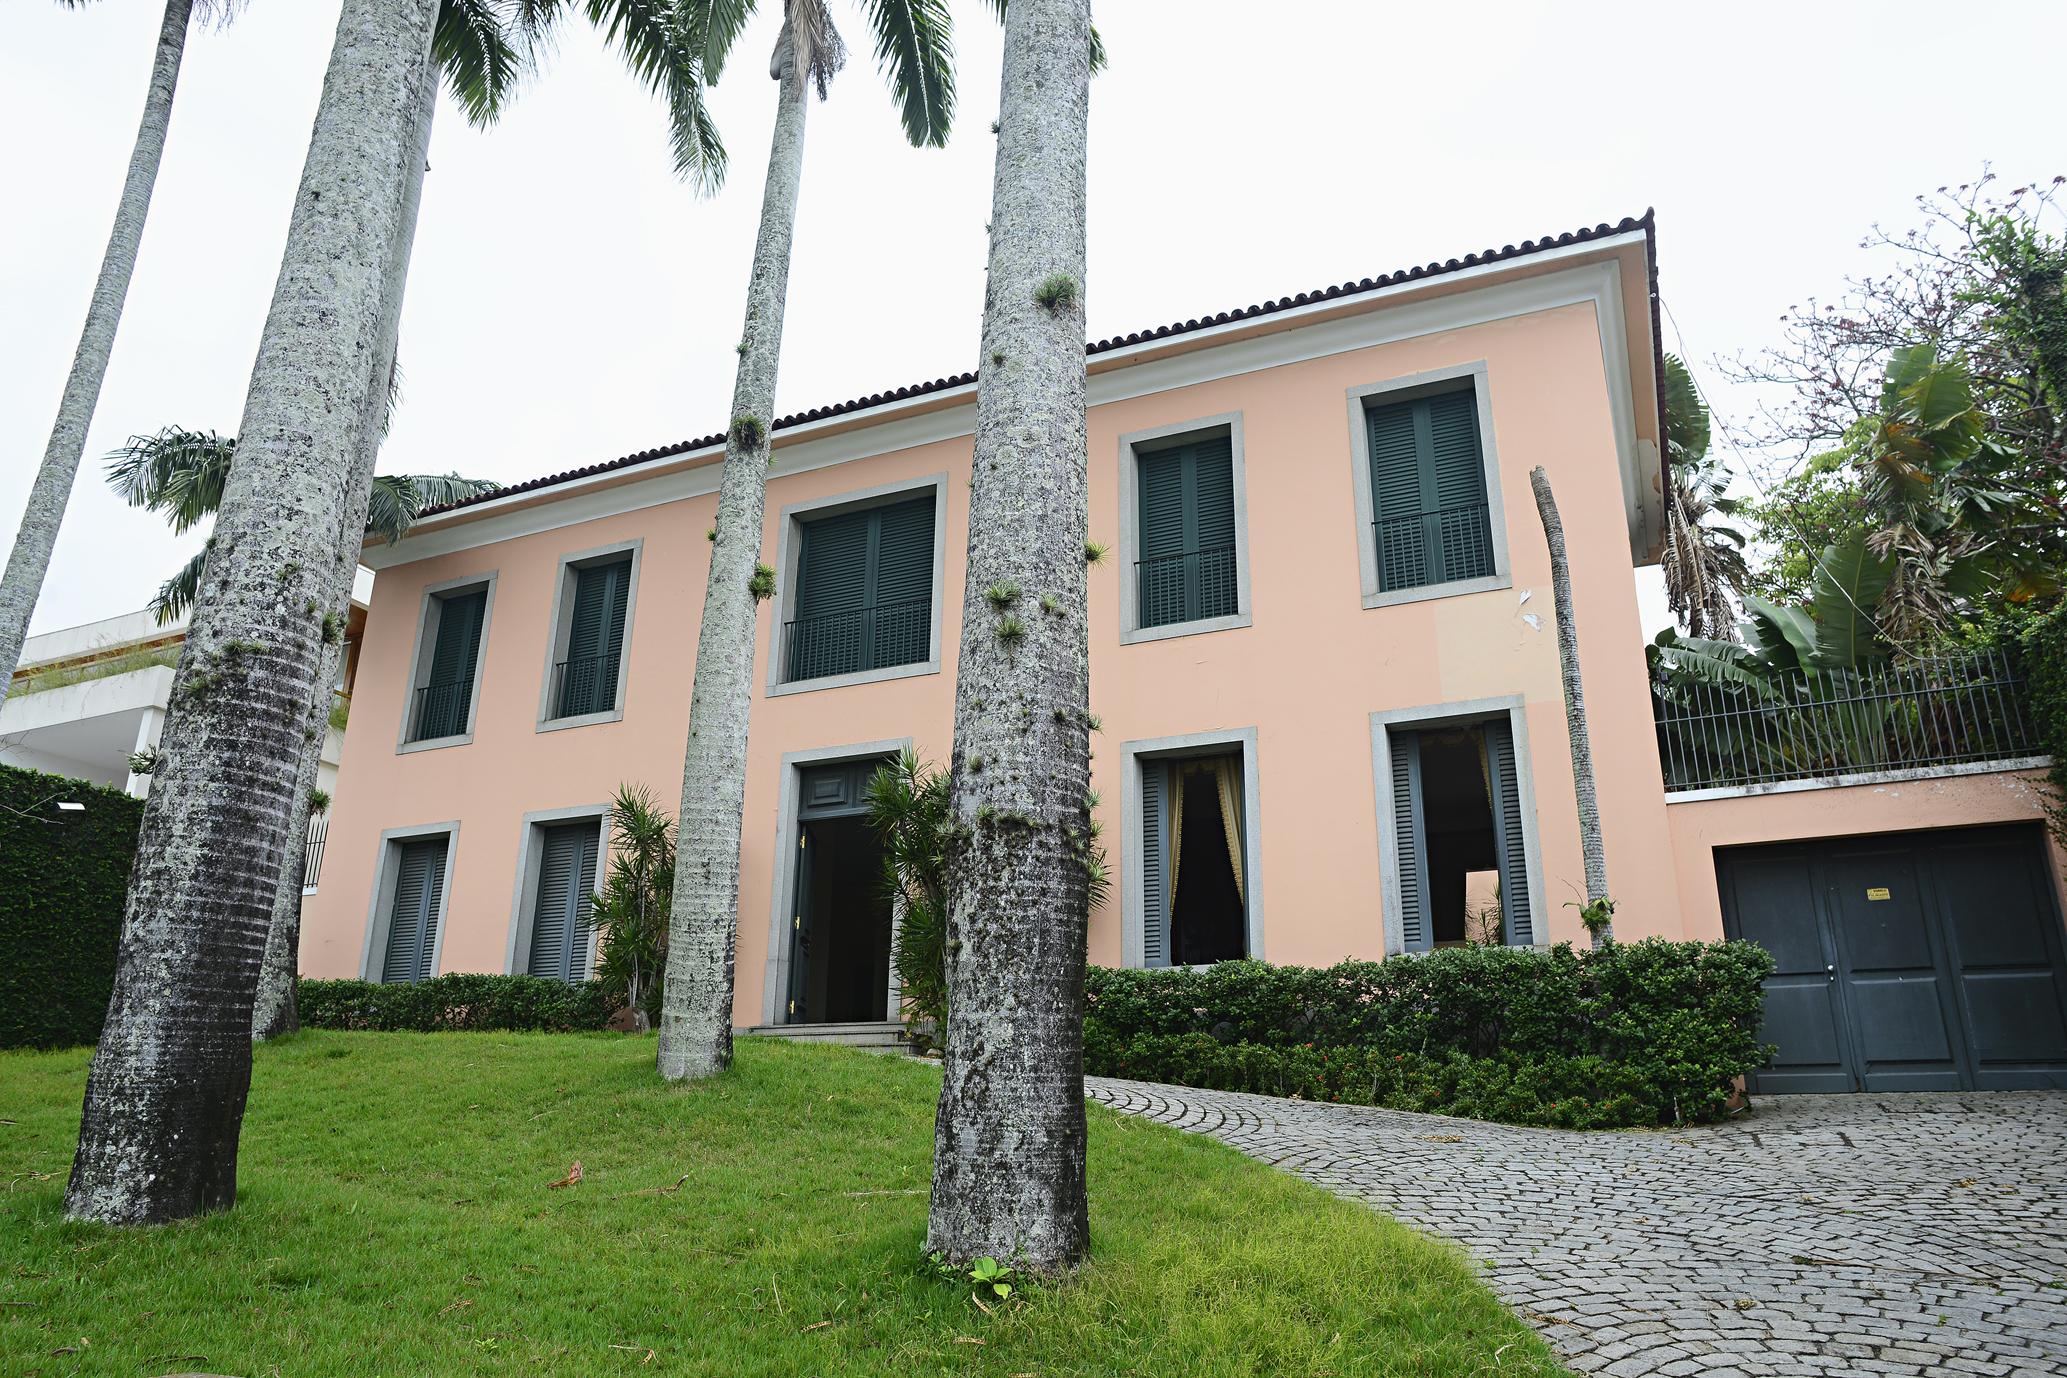 Maison unifamiliale pour l Vente à Classy Mansion Rua Embaixador Graça Aranha Rio De Janeiro, Rio De Janeiro, 22450090 Brésil